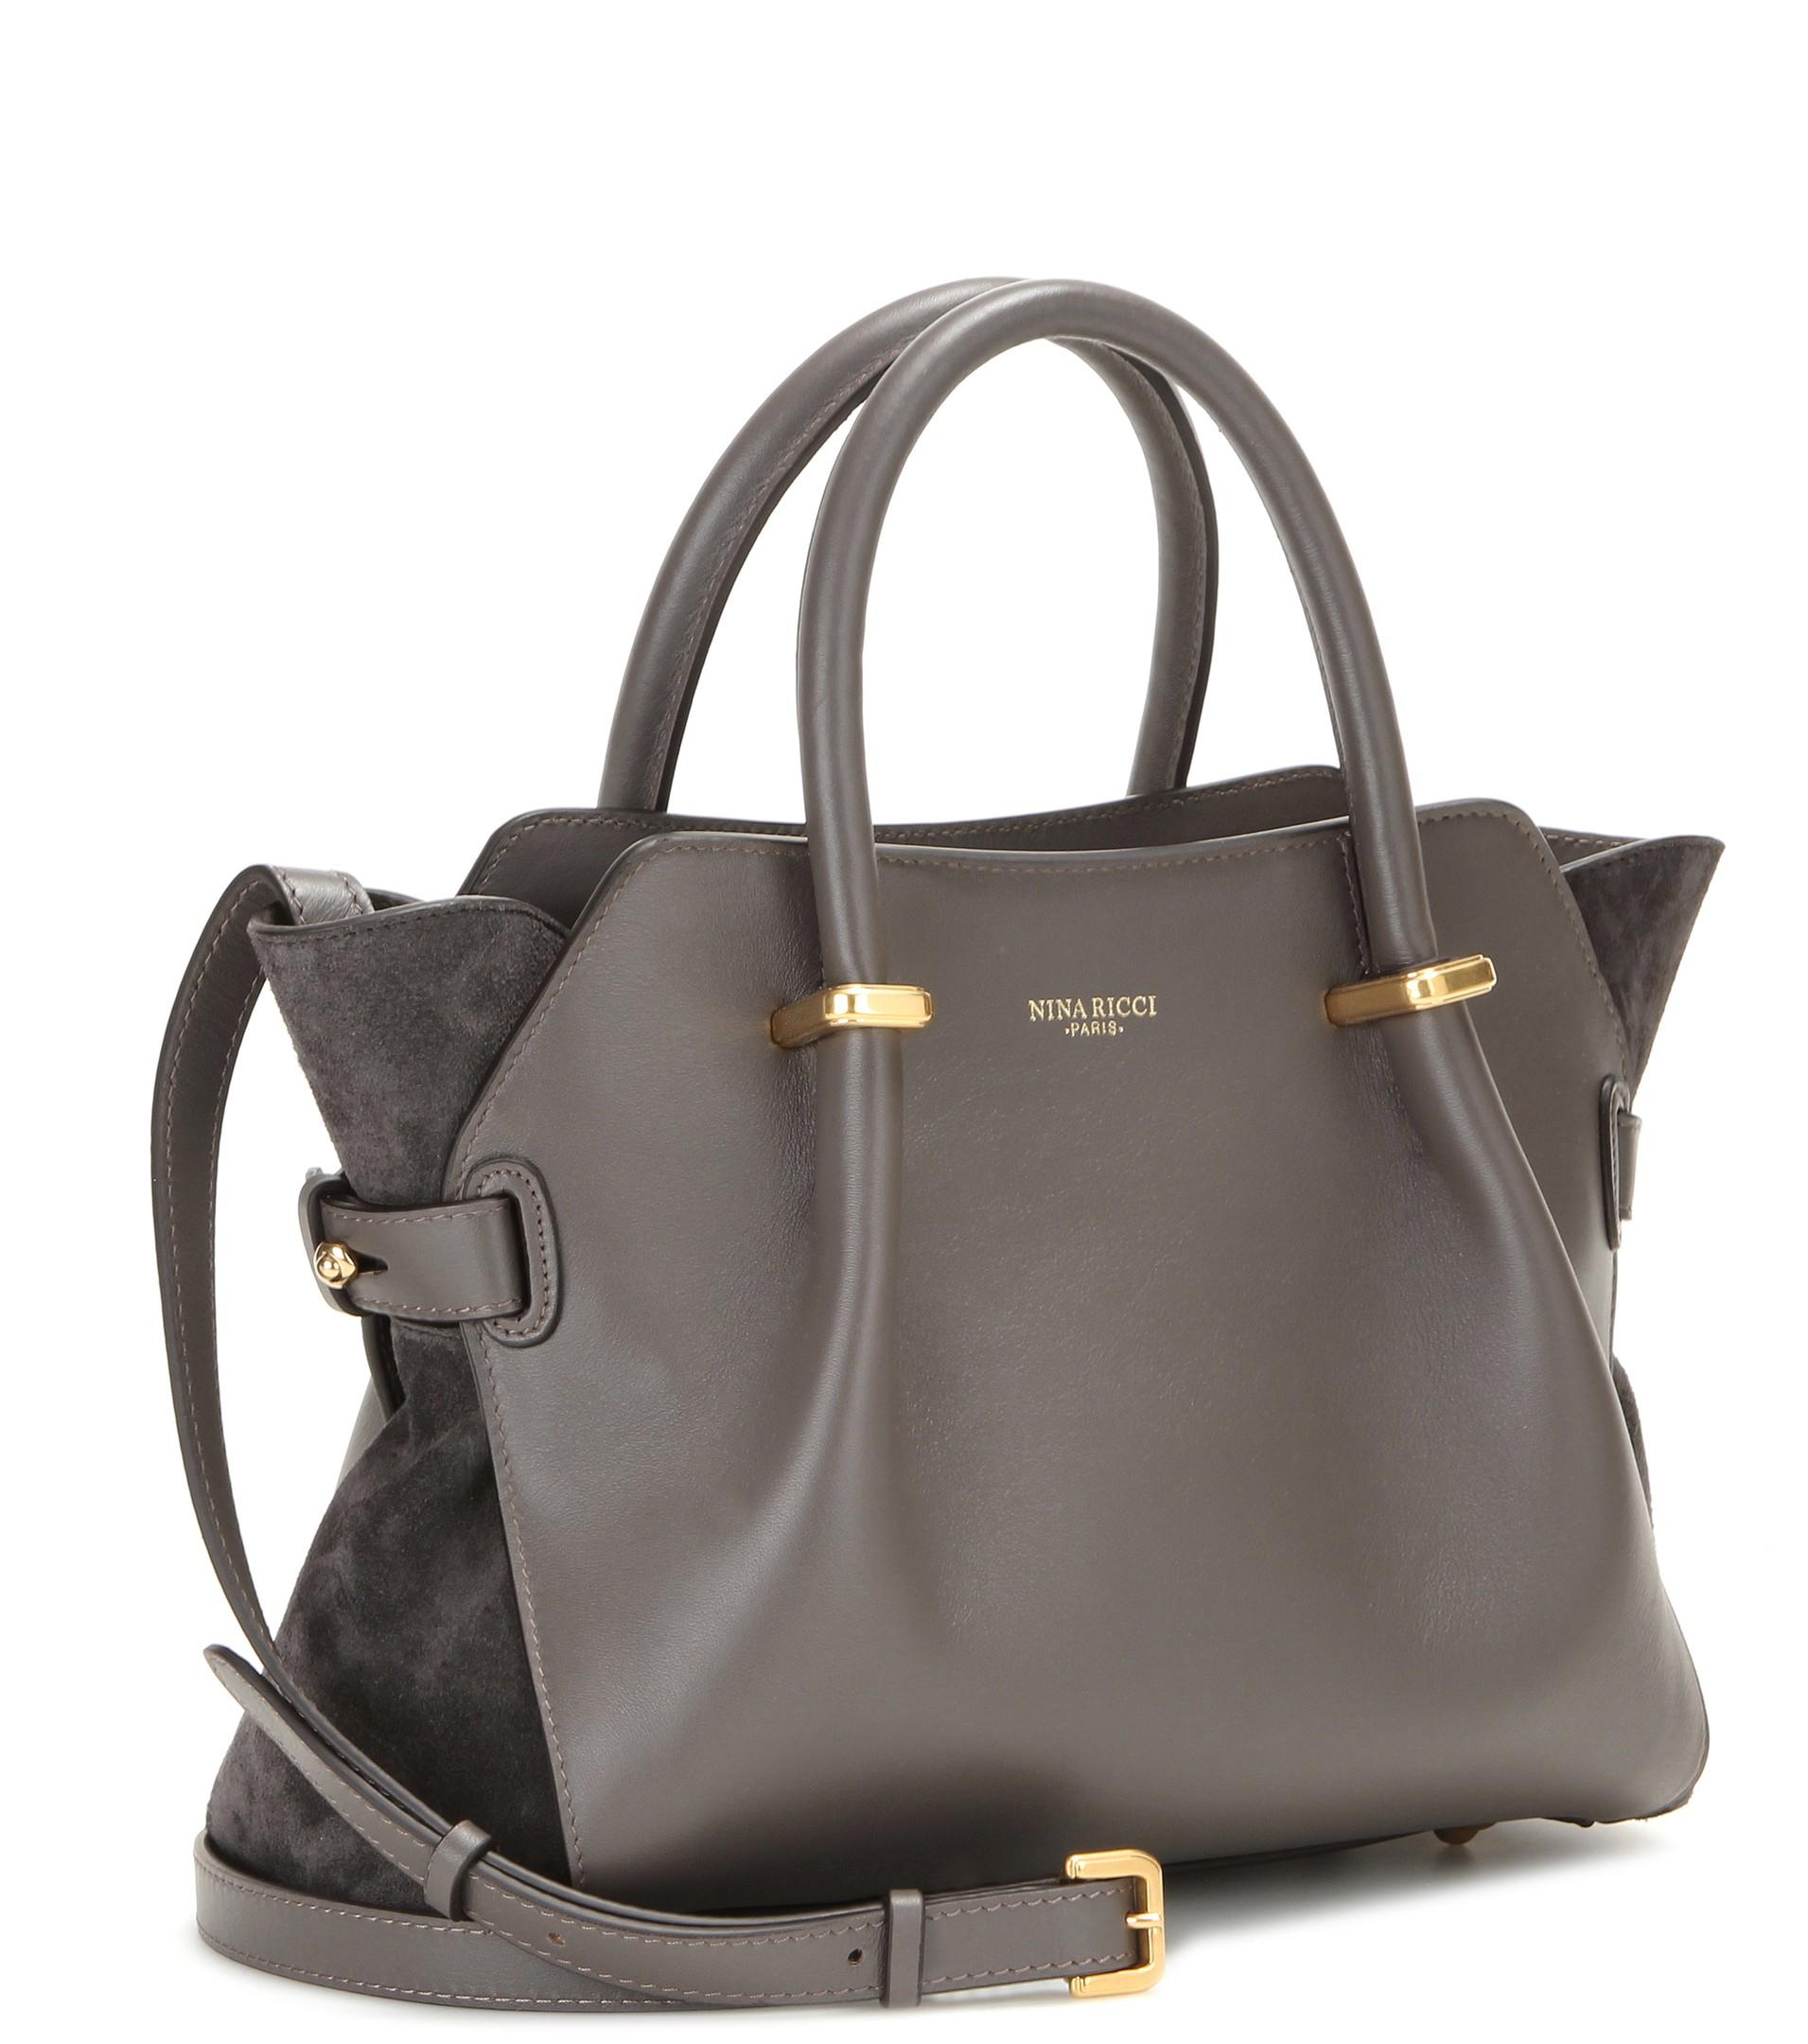 Nina ricci Marché Mini Leather Tote in Gray